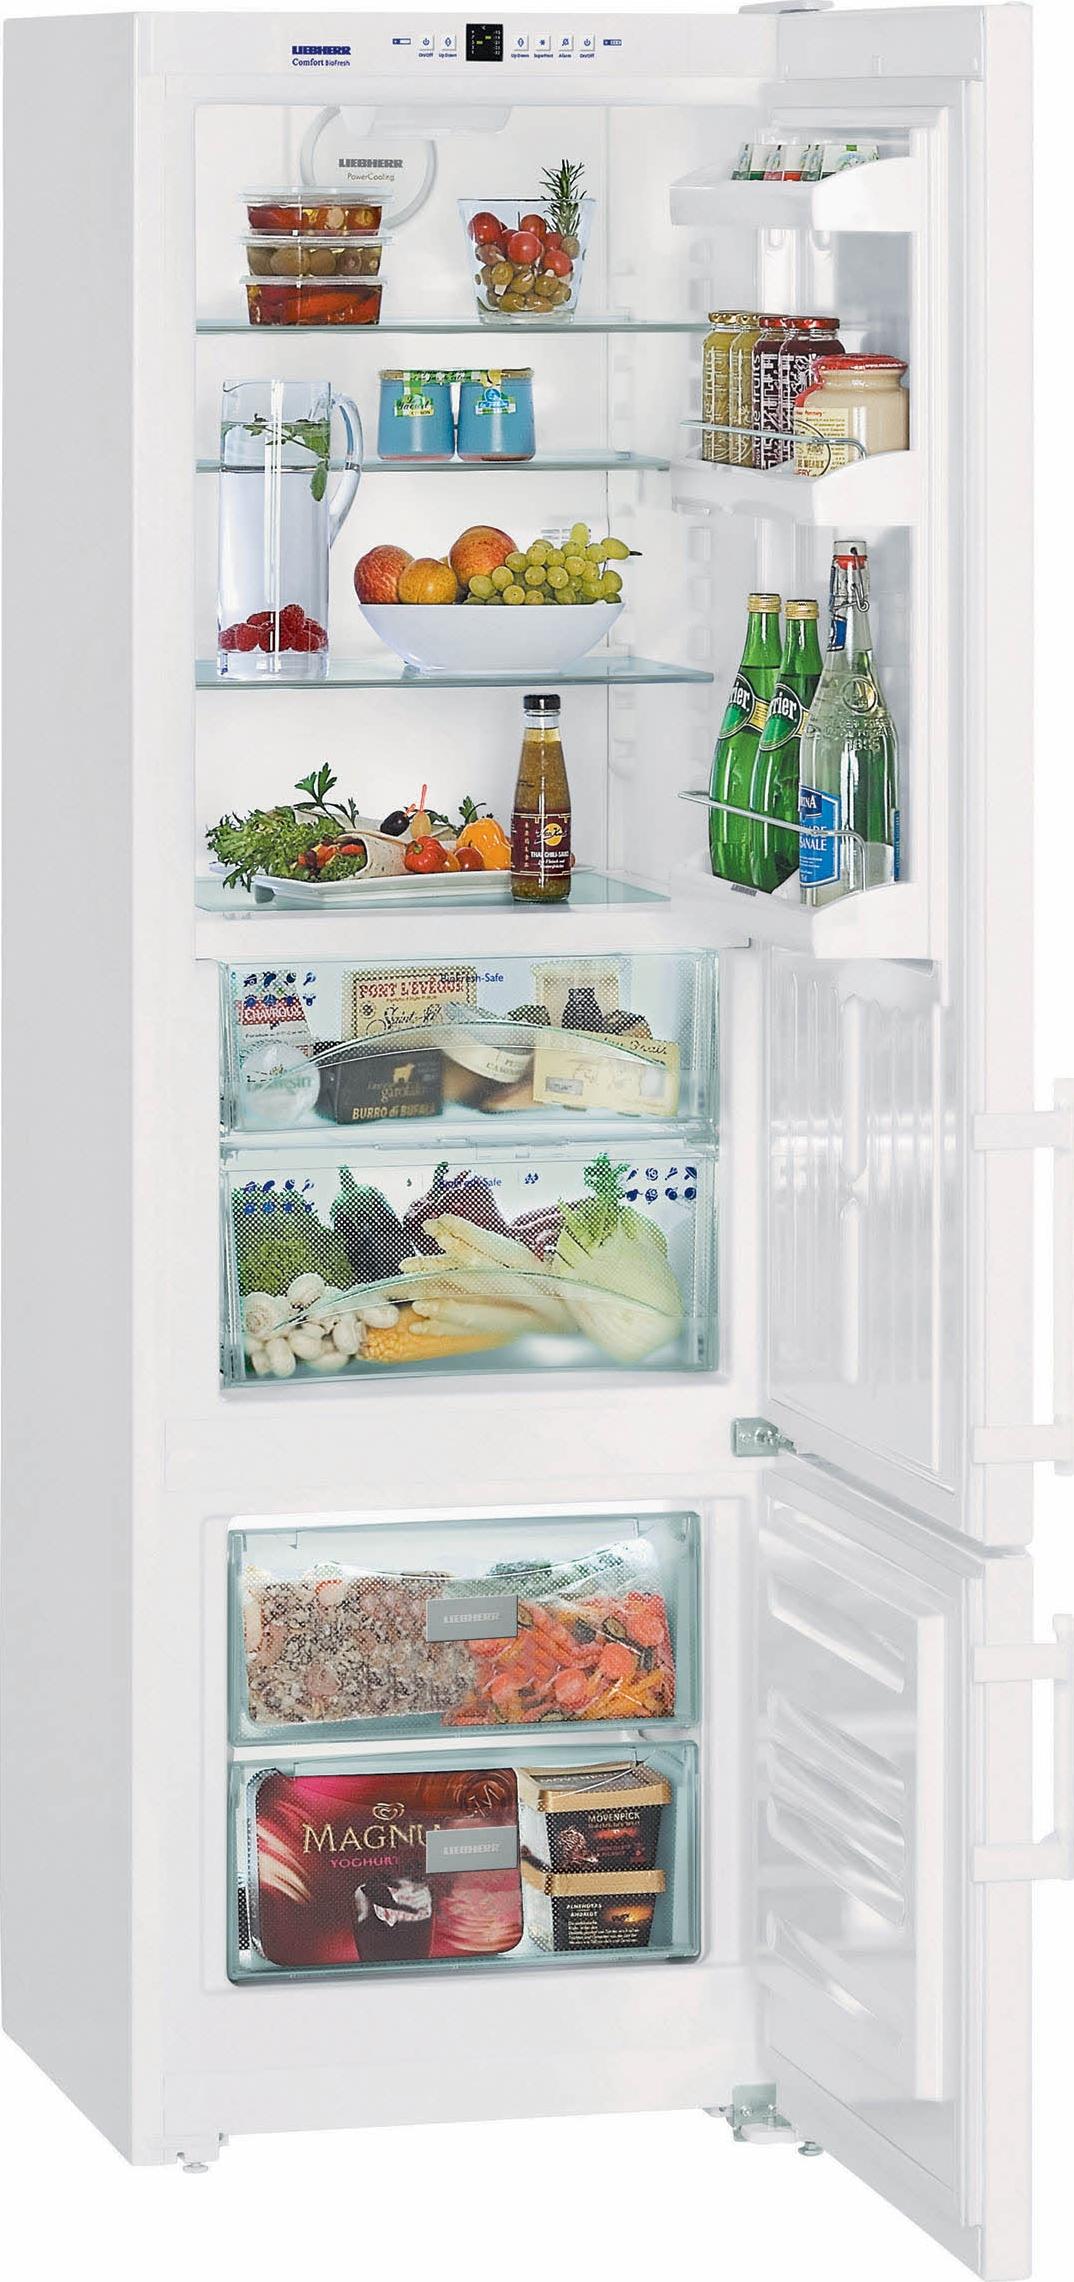 Liebherr CBP3613 koelkast    Sterk in prijs  u0026 service